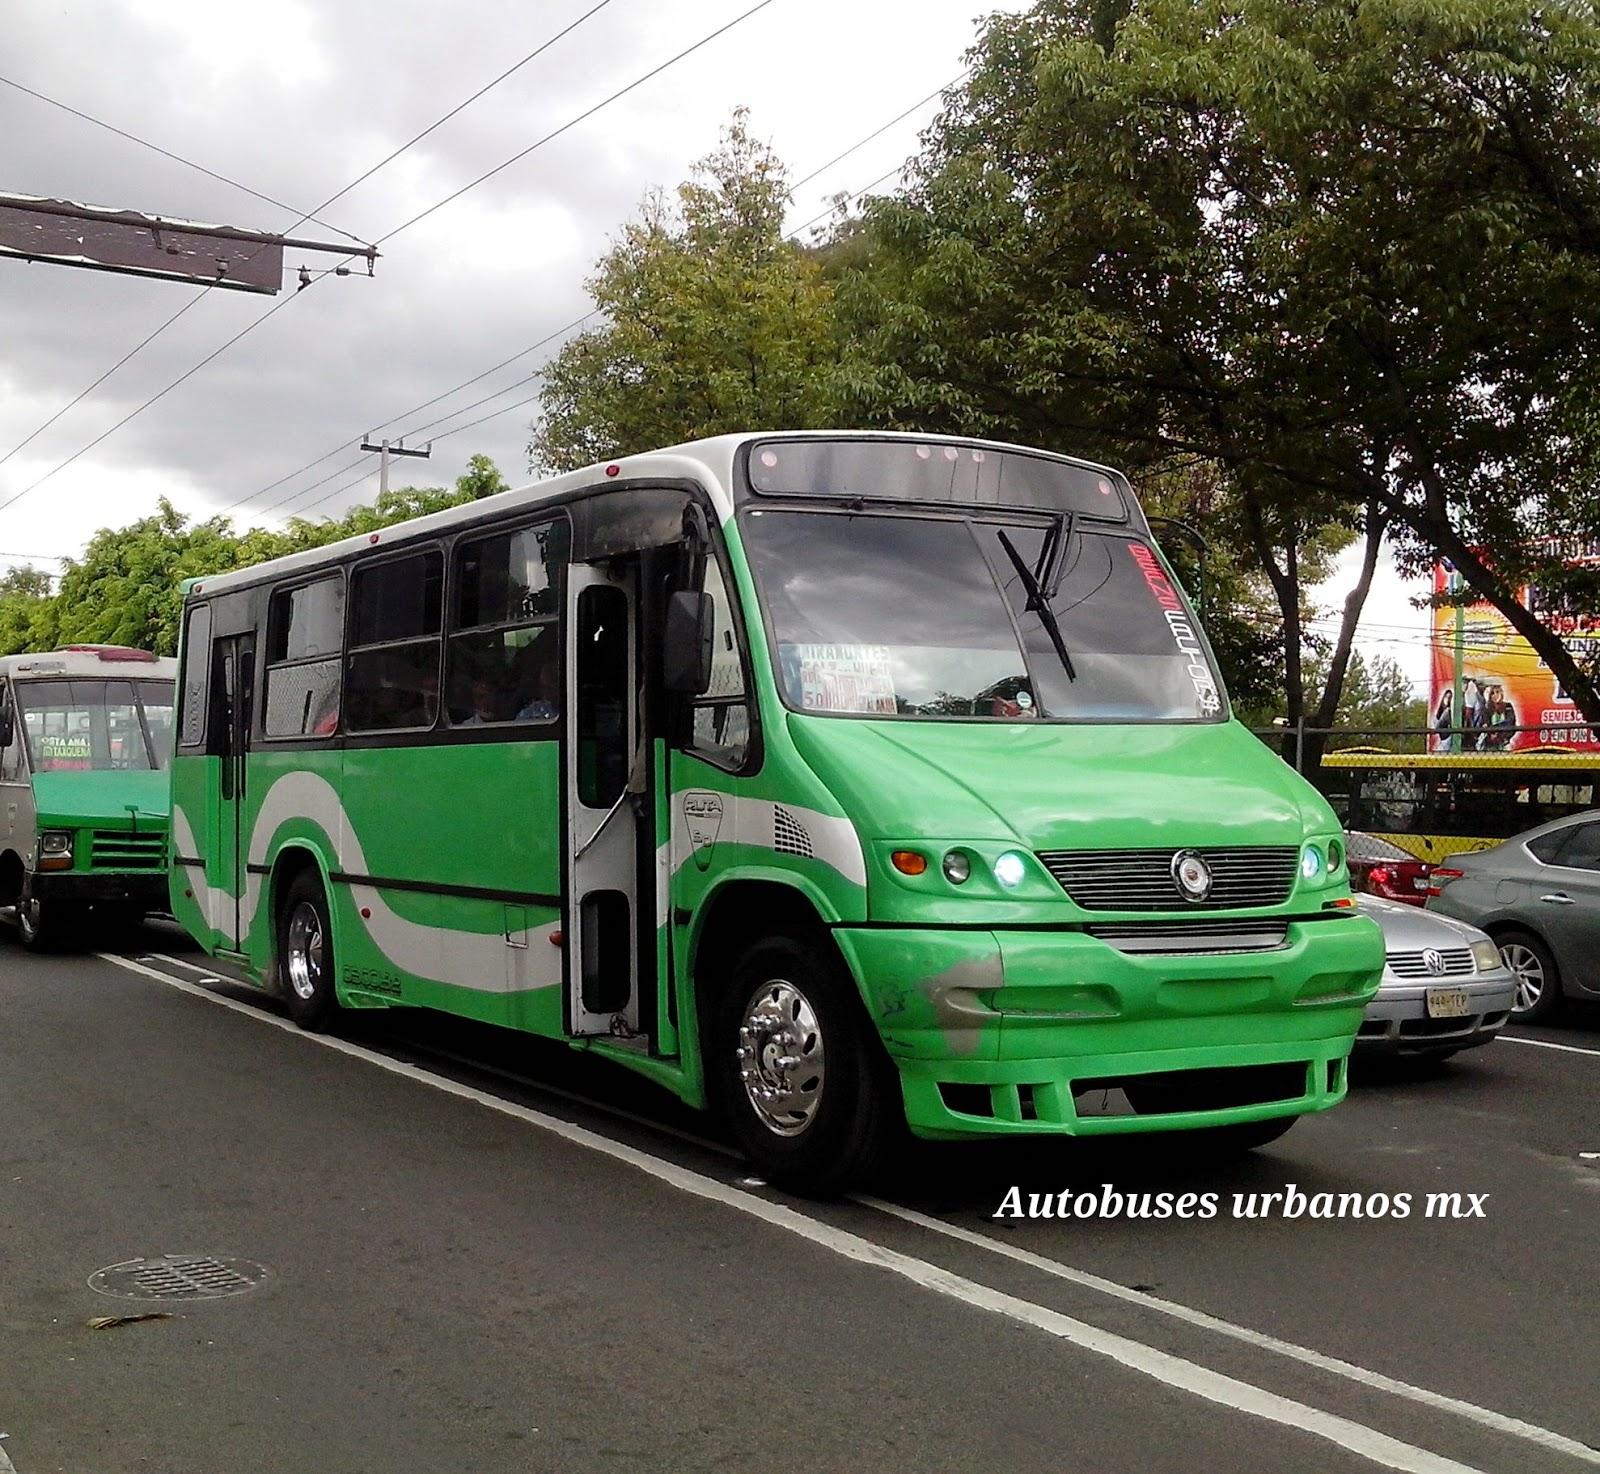 Autobuses urbanos ciudad de m xico boxer mercedes benz for Mercedes benz com mx mexico